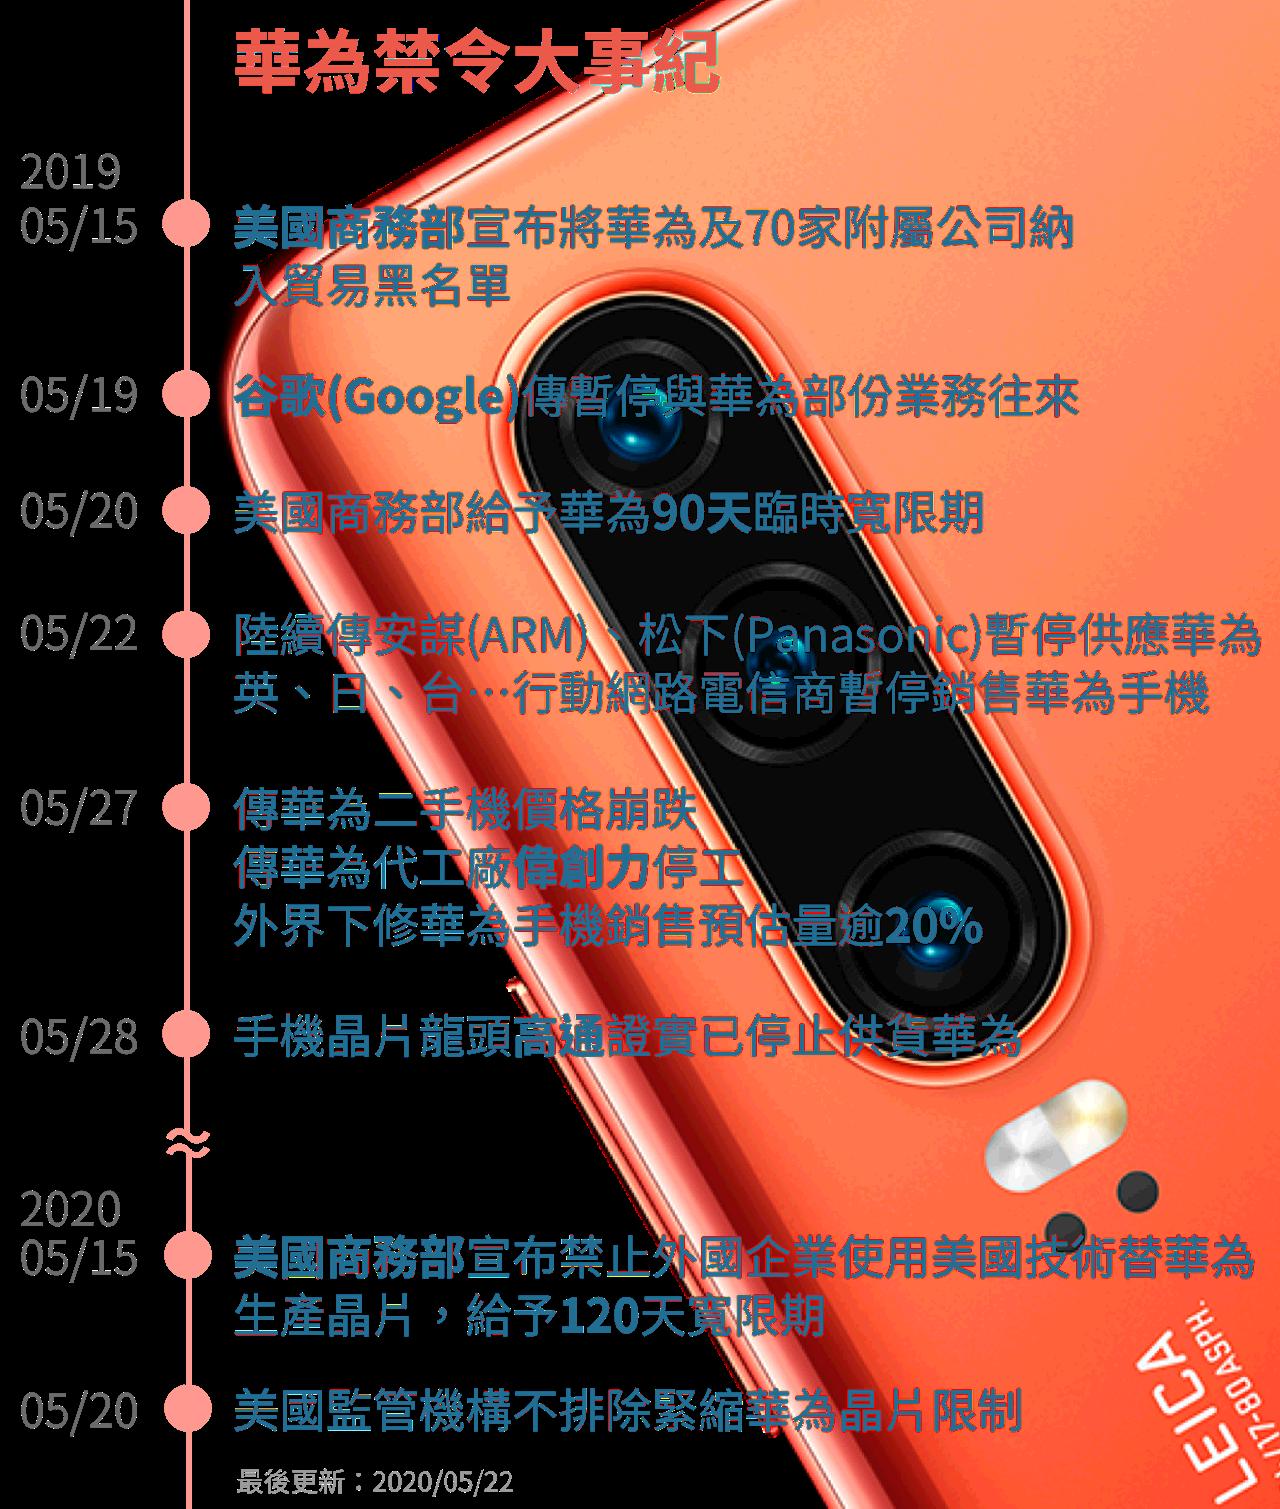 半導體,晶圓代工,IC封測,IC設計,PCB,砷化鎵,華為禁令,華為海思,台積電,聯發科,南電,穩懋,京元電,EAR出口管制